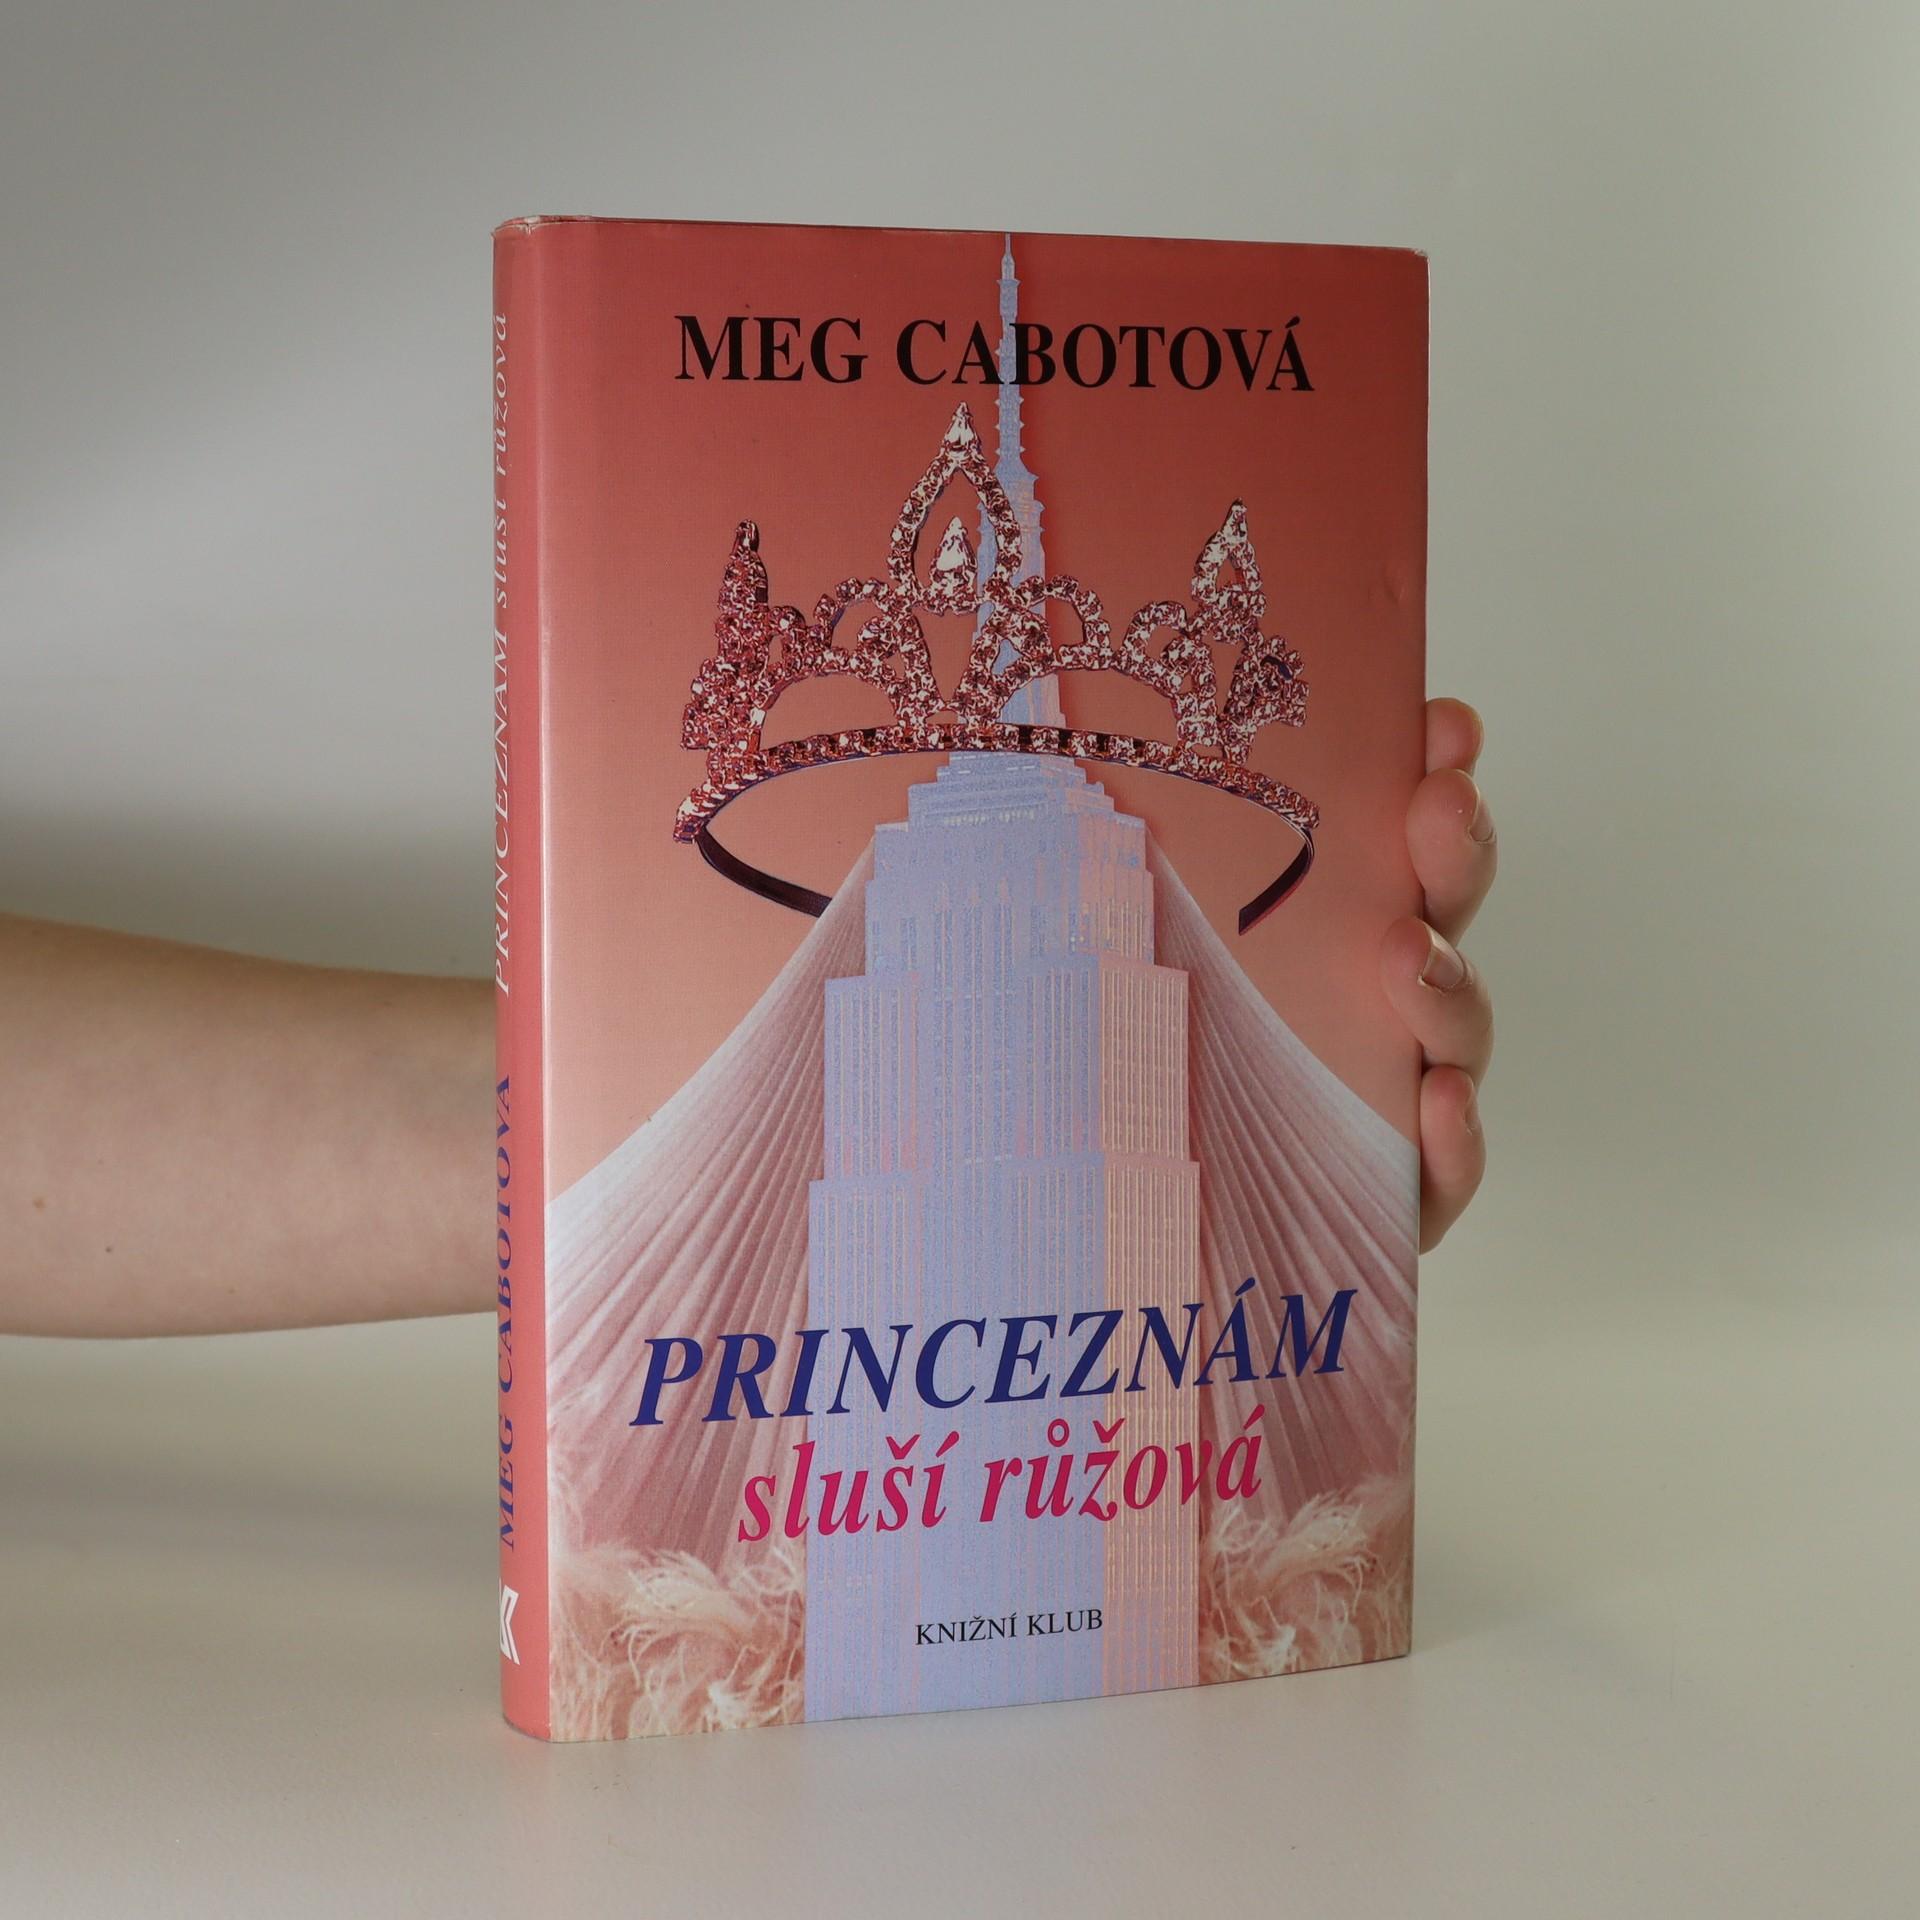 antikvární kniha Princeznám sluší růžová, 2004